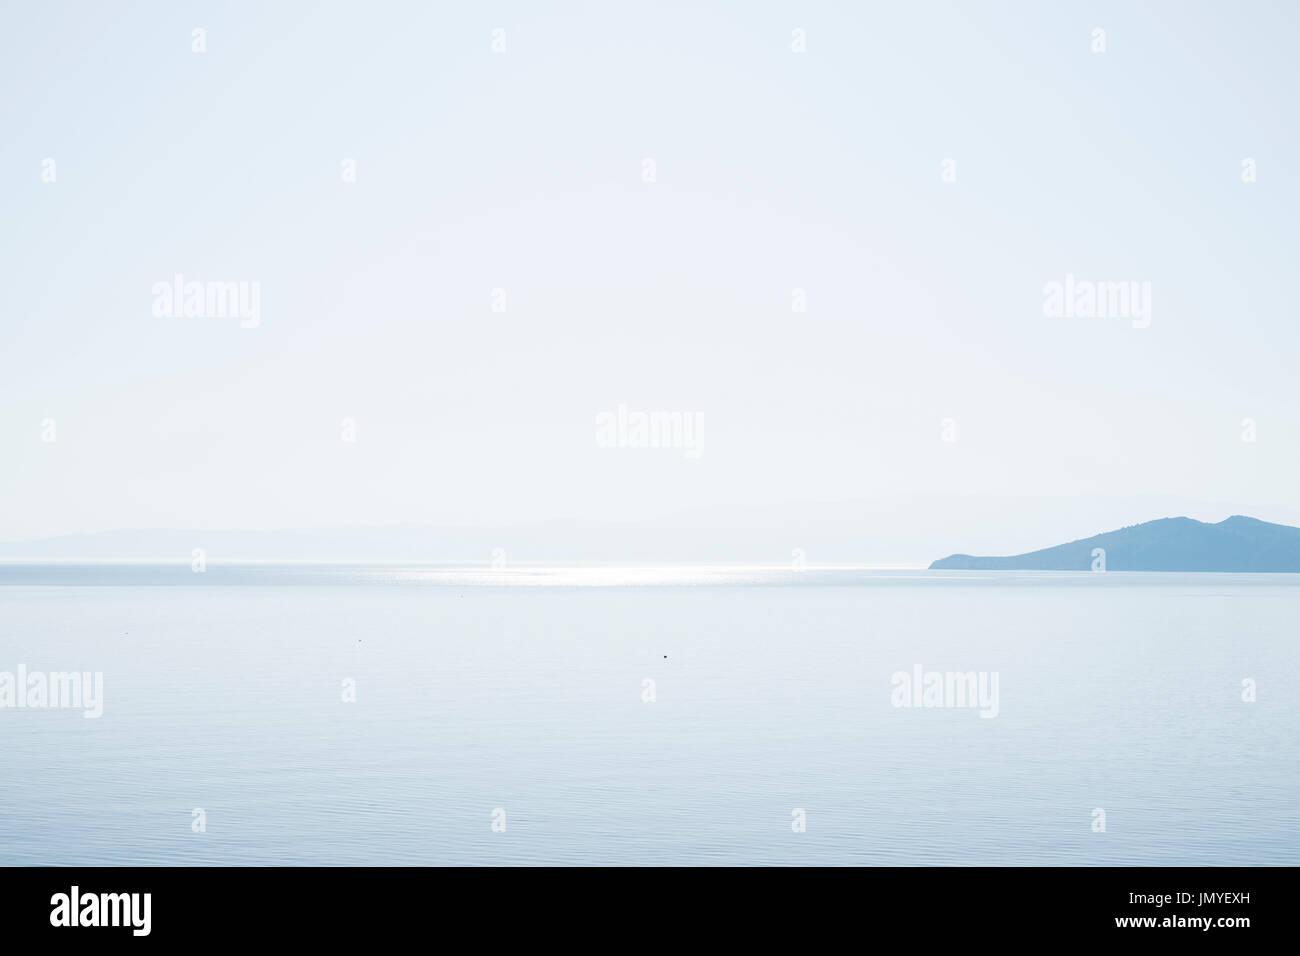 Las tranquilas aguas del mar Egeo. Grecia Imagen De Stock